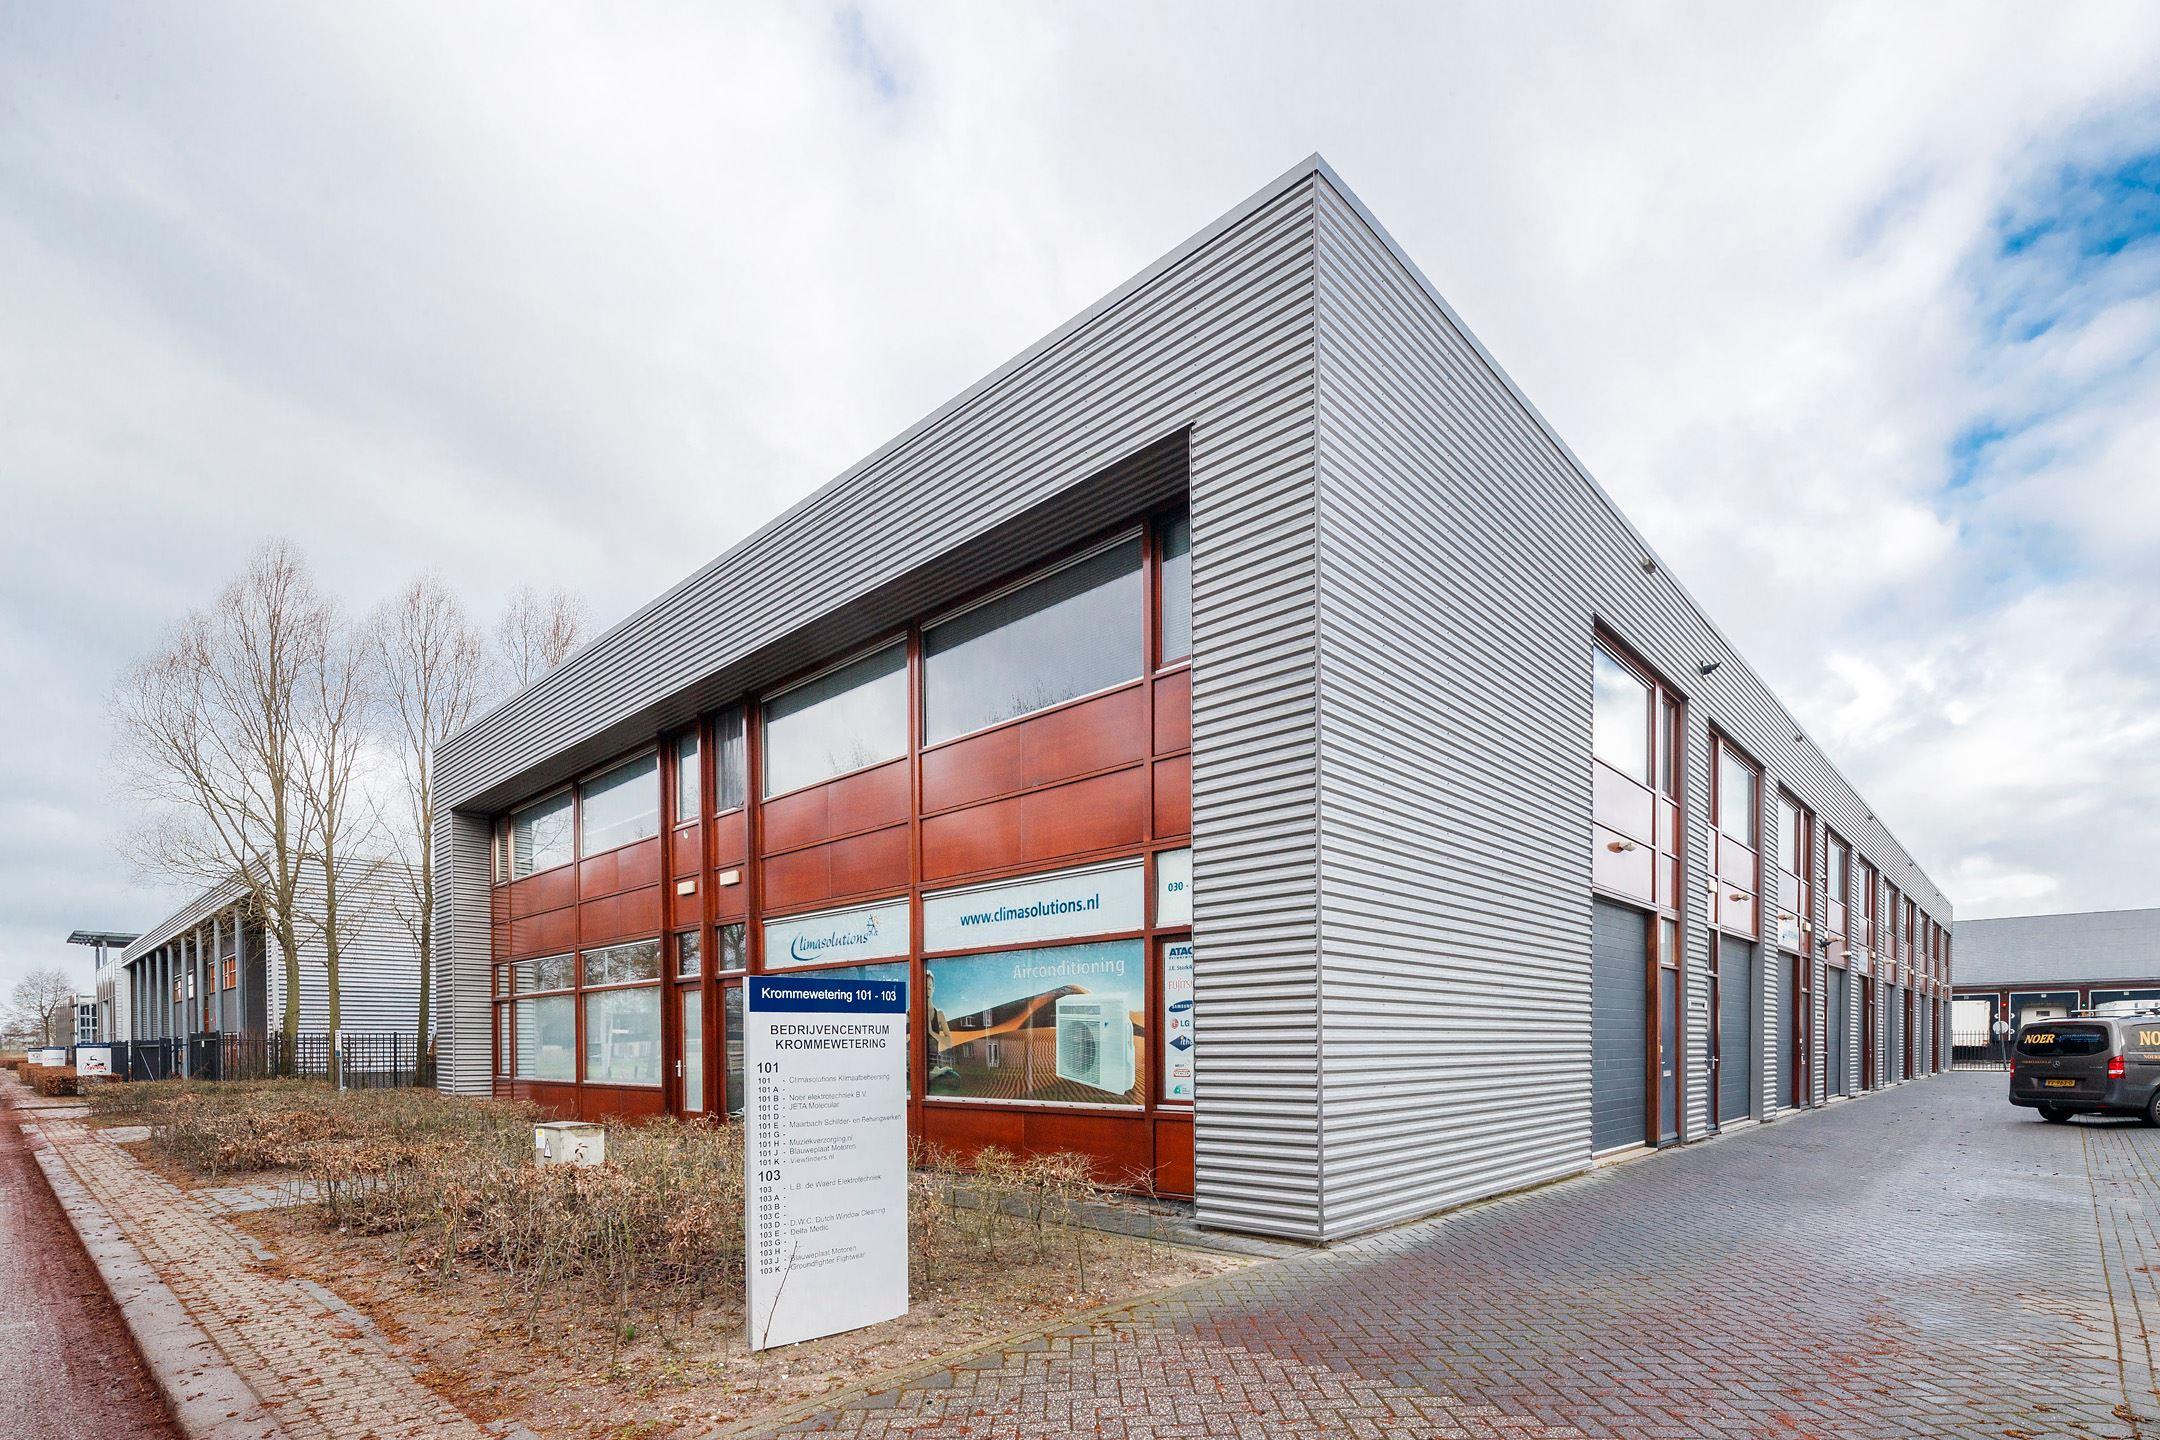 Utrecht zoek verhuurd krommewetering 103 h 3543 an for Funda utrecht